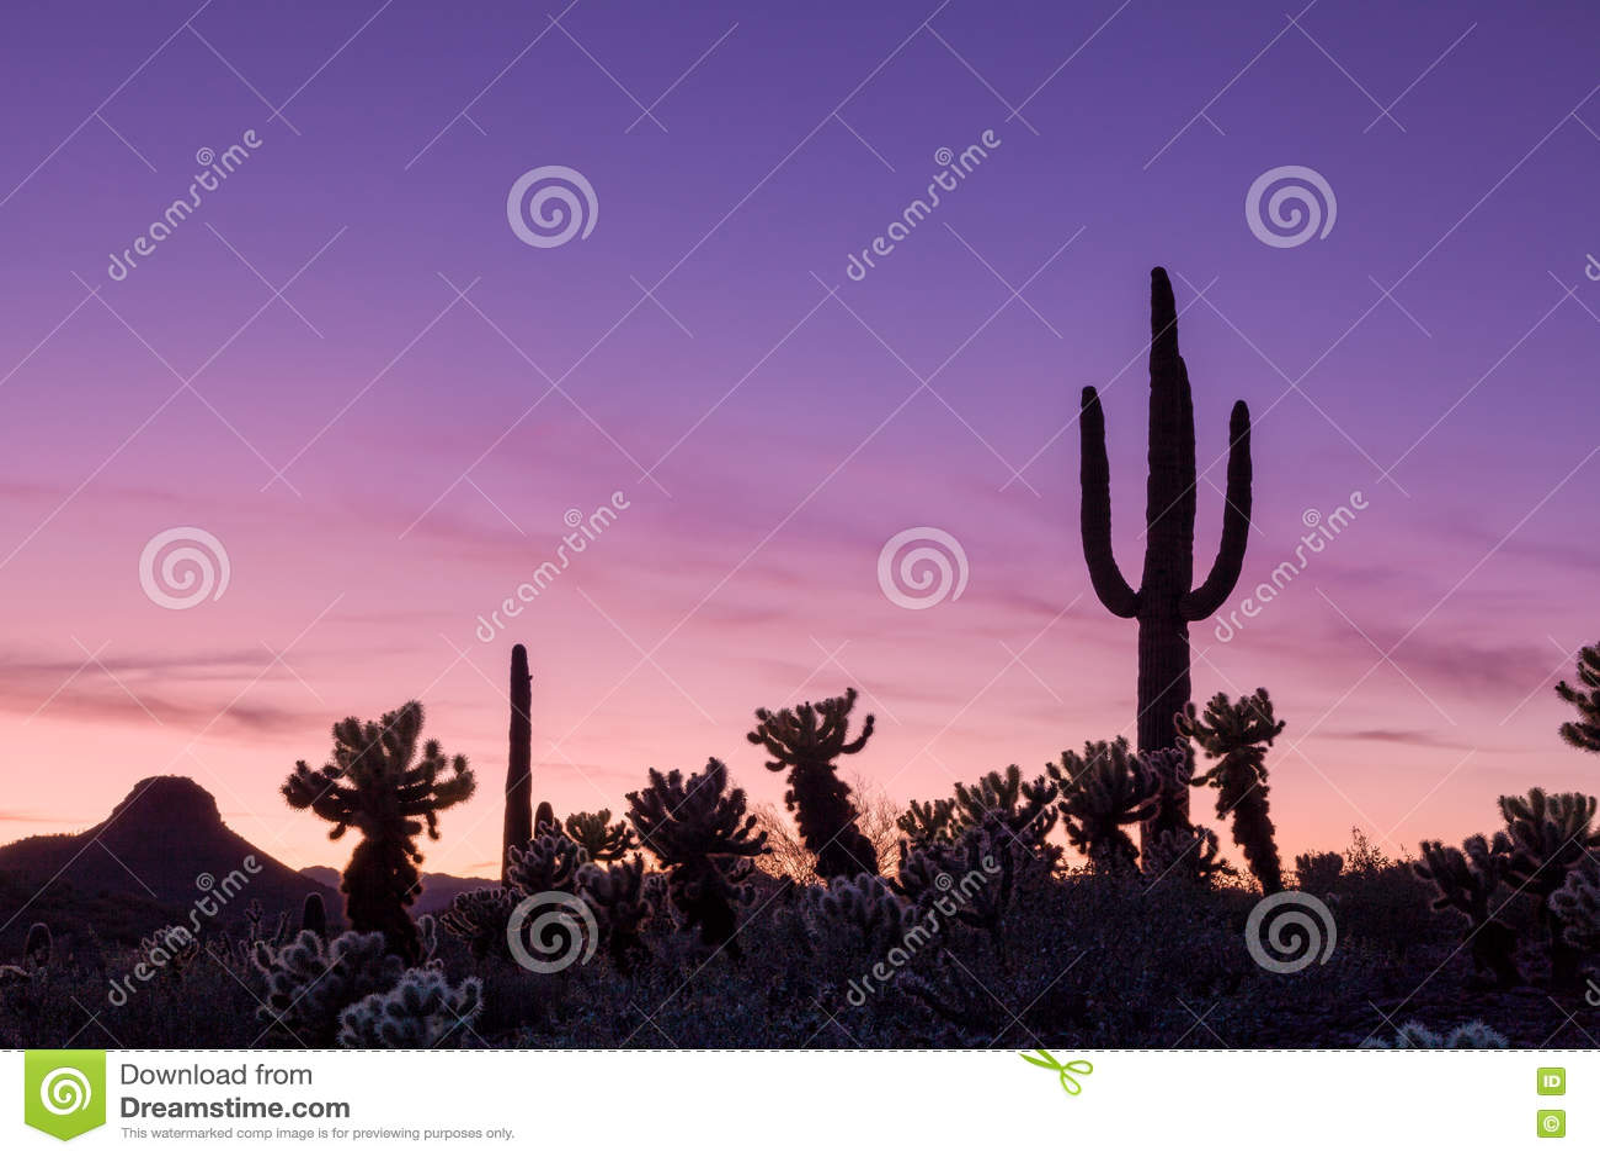 Arizona-Wüsten-Sonnenuntergang